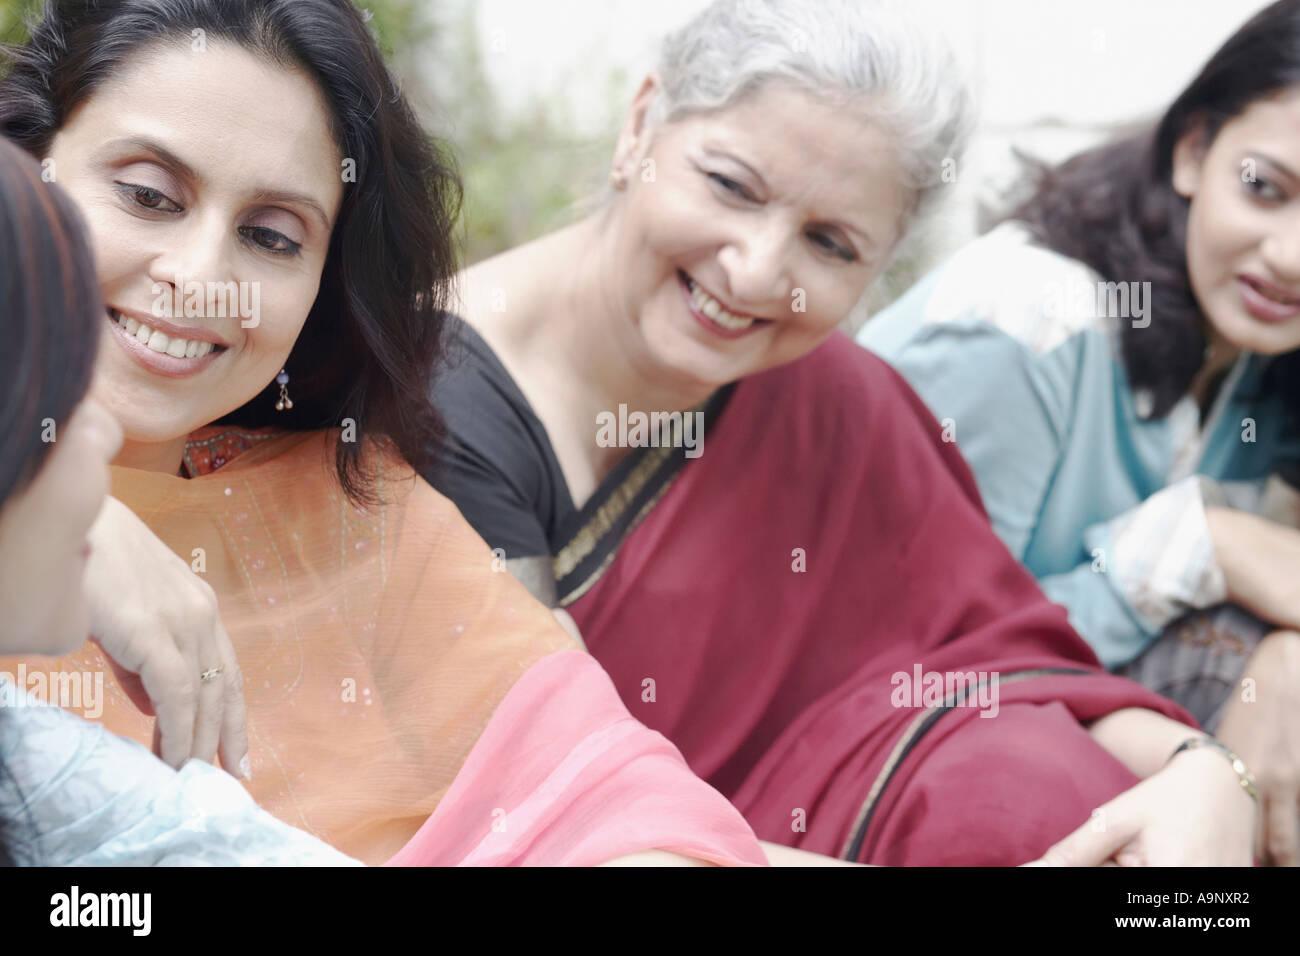 Quatre femmes siégeant ensemble smiling Photo Stock